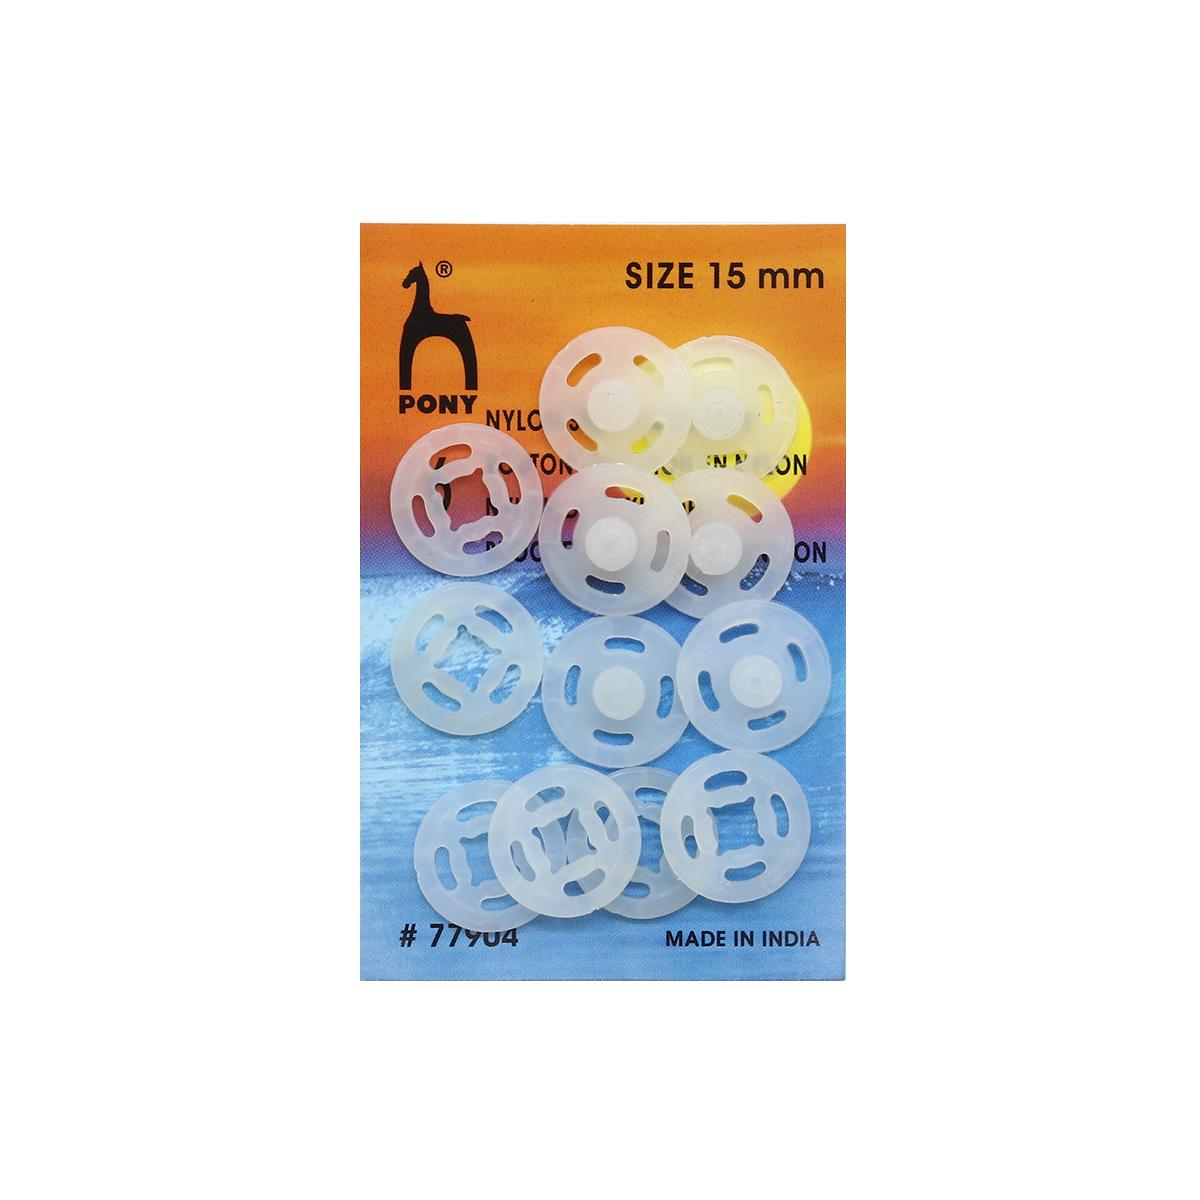 77904 Кнопки одежные 15 мм, нейлон, прозрачные, 6 шт PONY